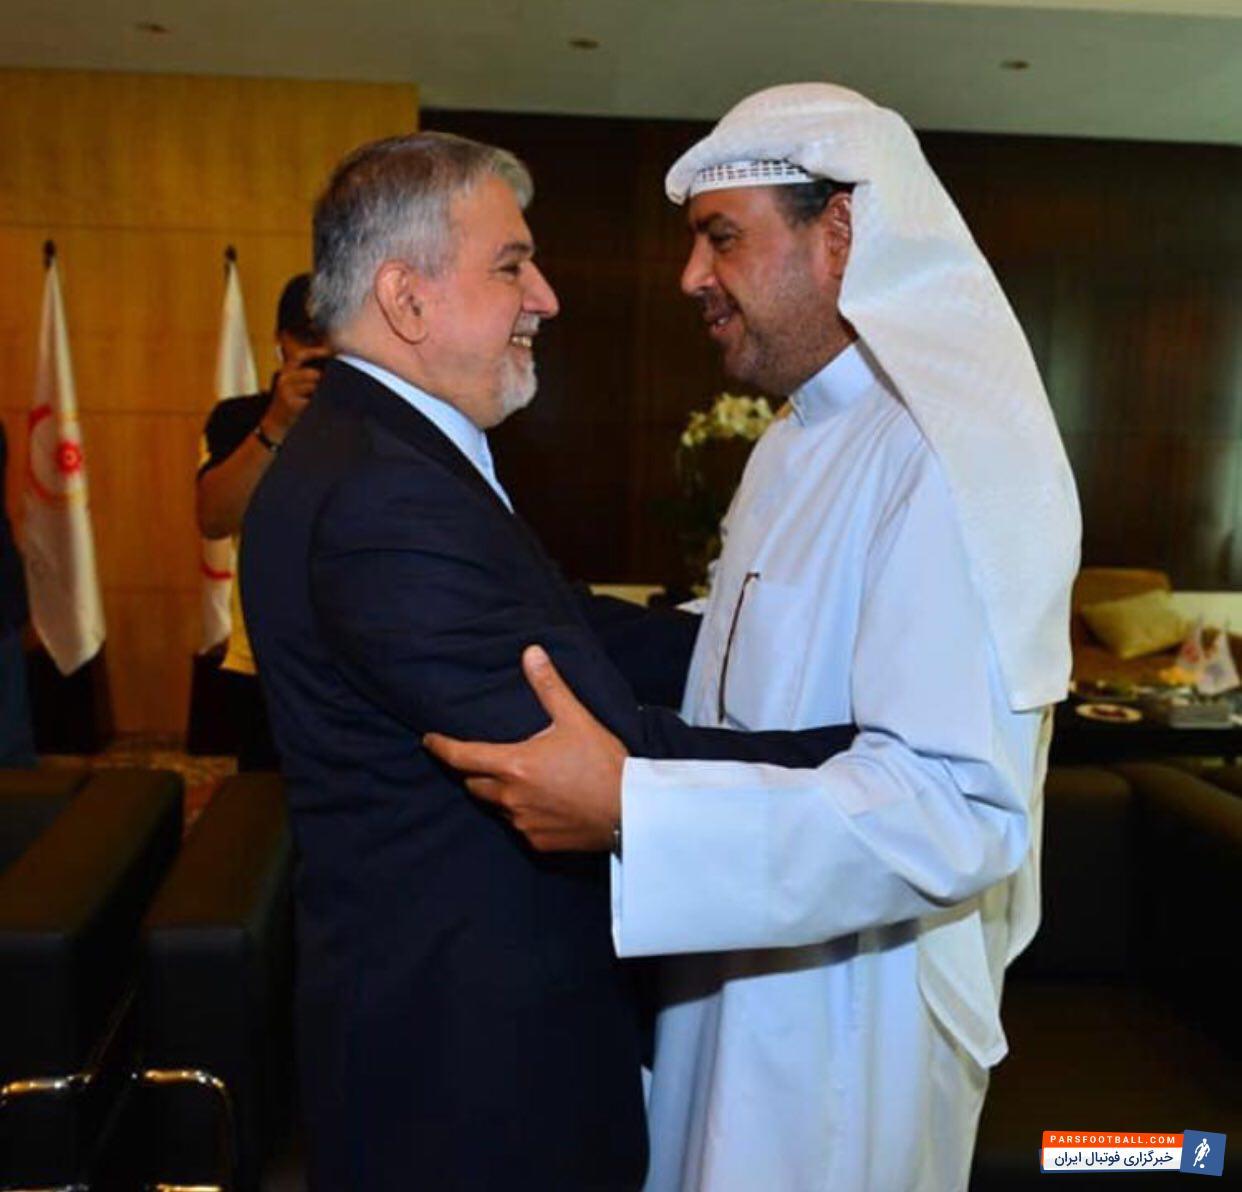 صالحی امیری رئیس کمیته ملی المپیک کشورمان است صالحی امیری با شیخ احمد الفهد الصباح رئیس شورای المپیک آسیا OCA دیدار و گفت و گو کرد.